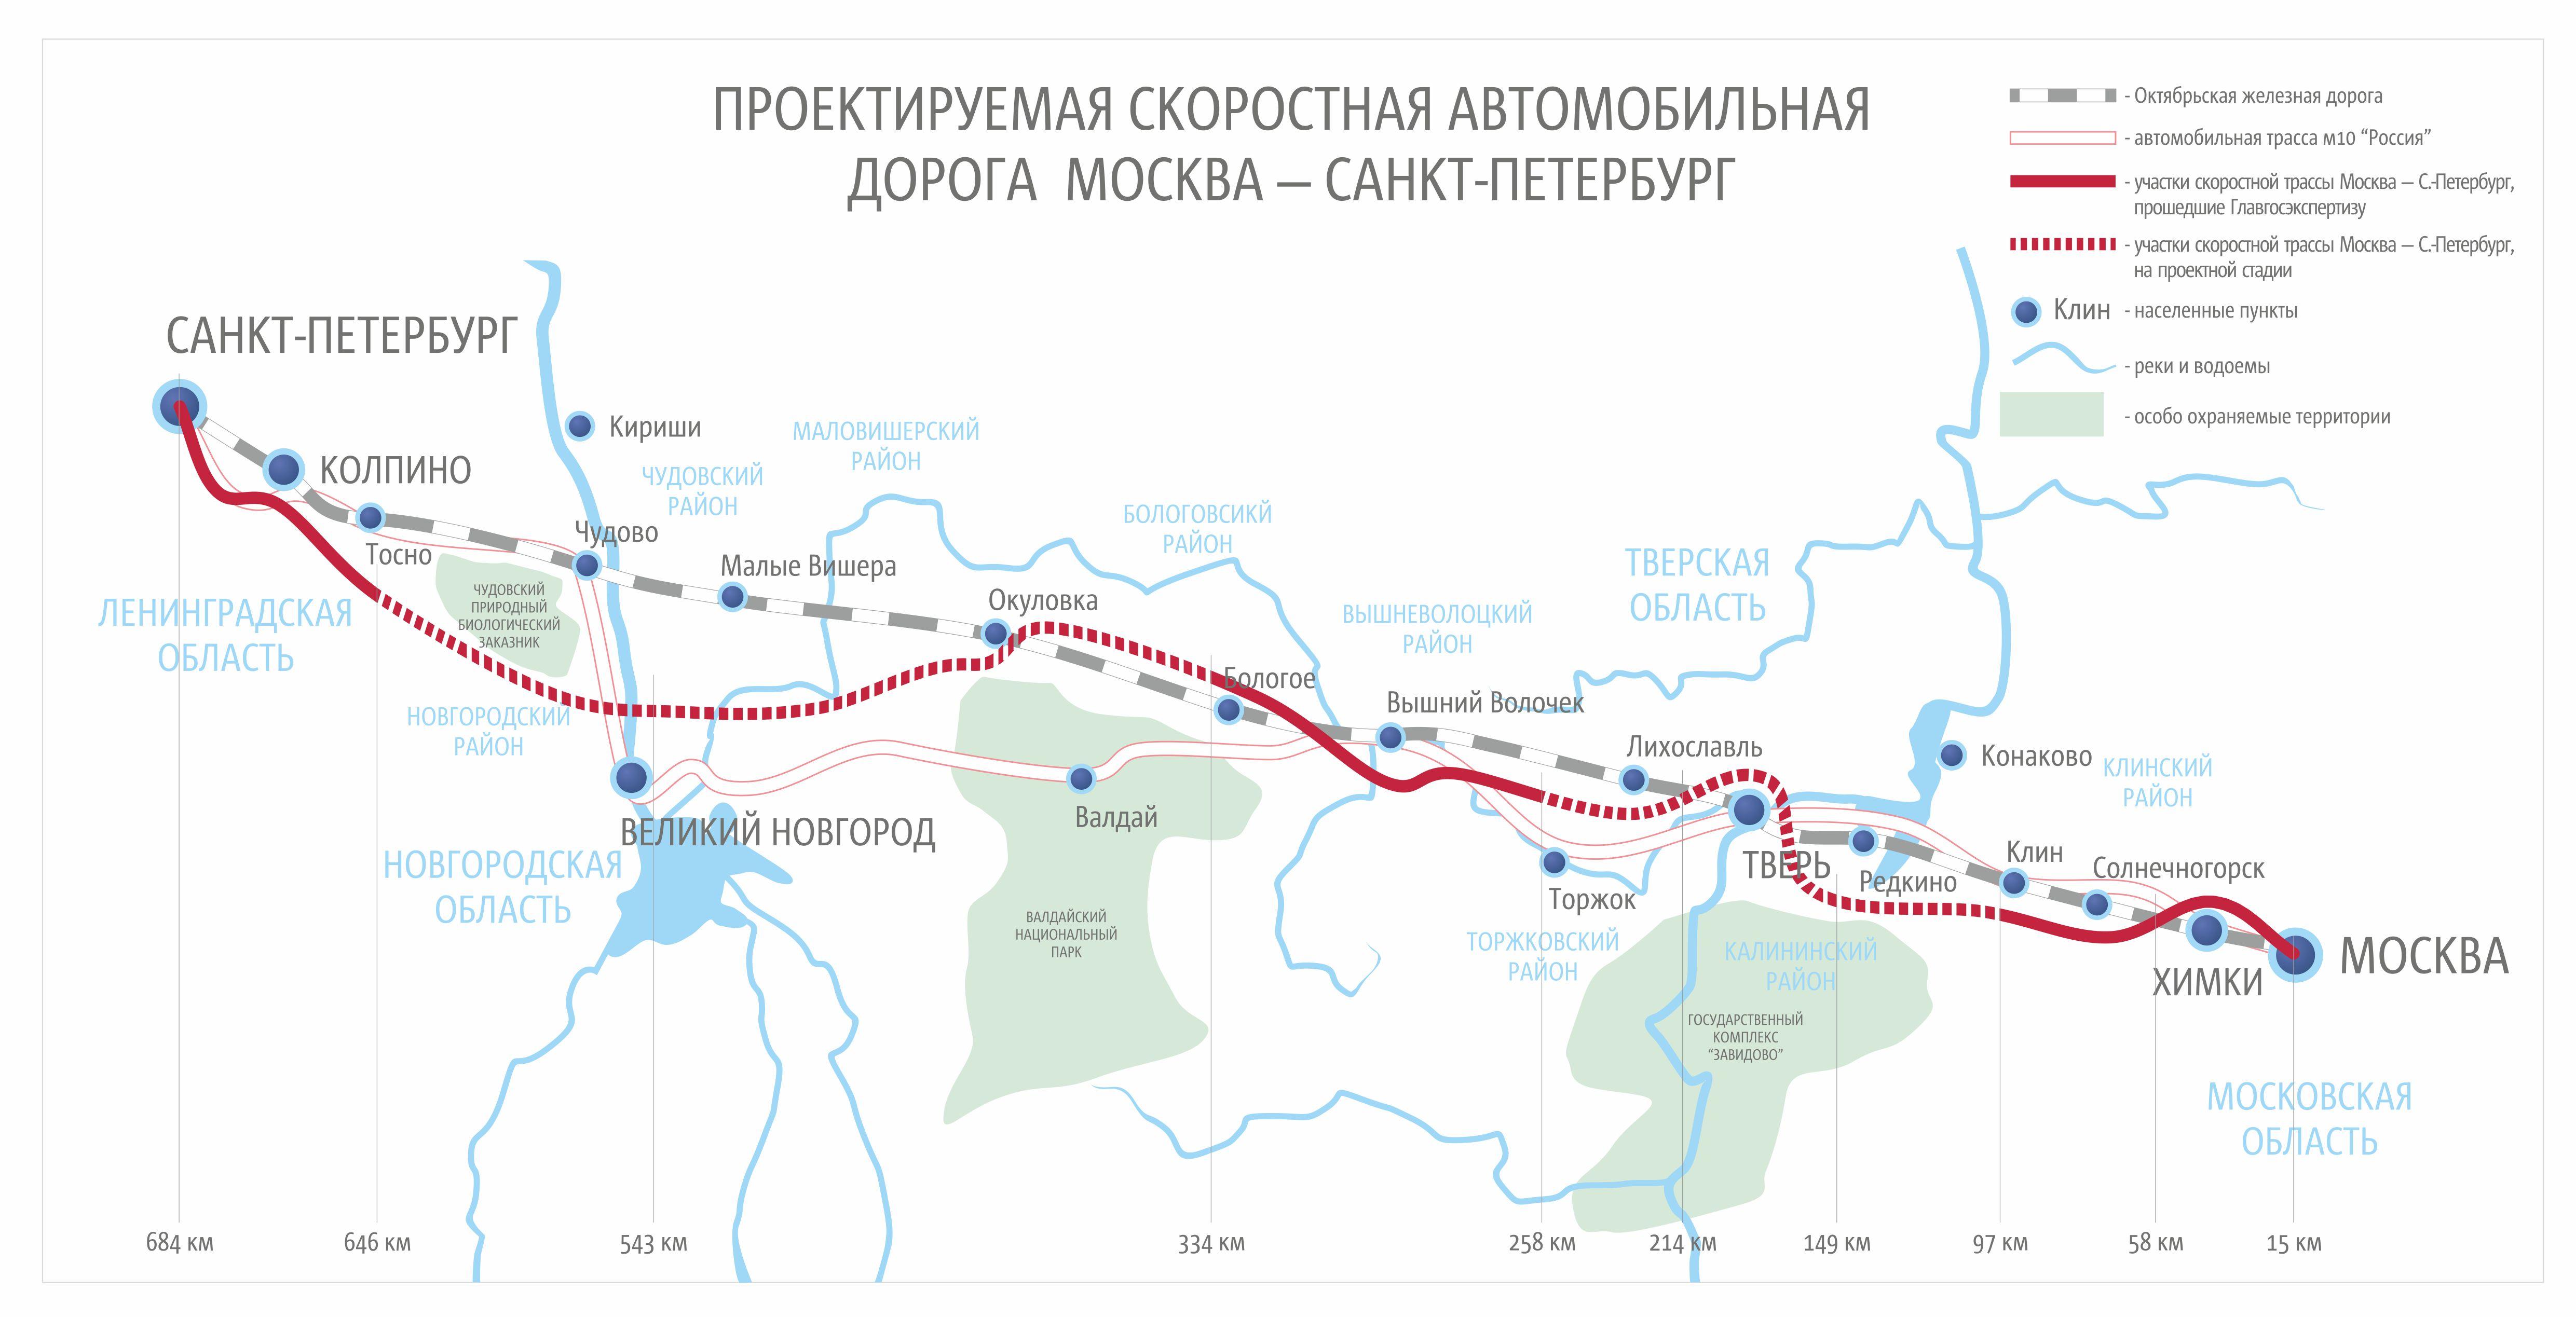 Сколько км от Москвы до Санкт-Петербурга?